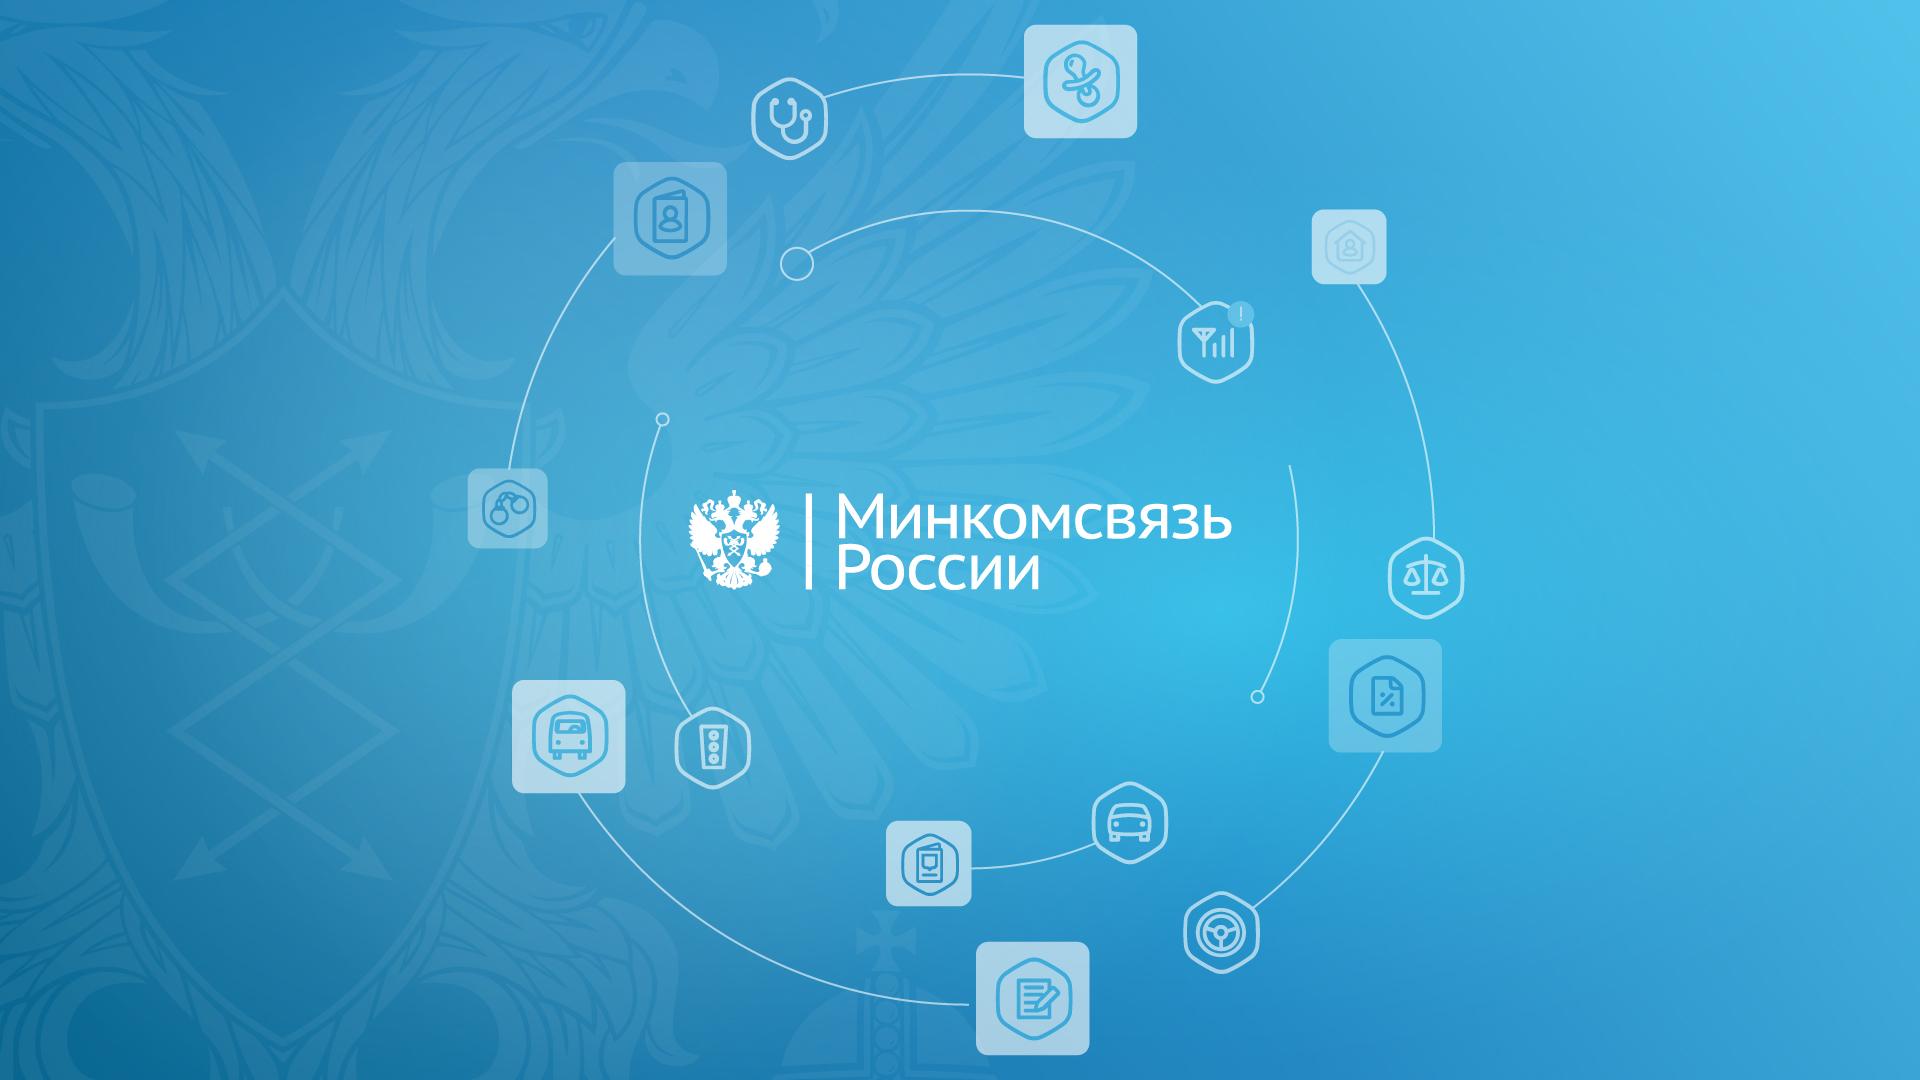 Минкомсвязь России запустил сервис для оформления единовременной выплаты на детей в 10 тыс. рублей 1